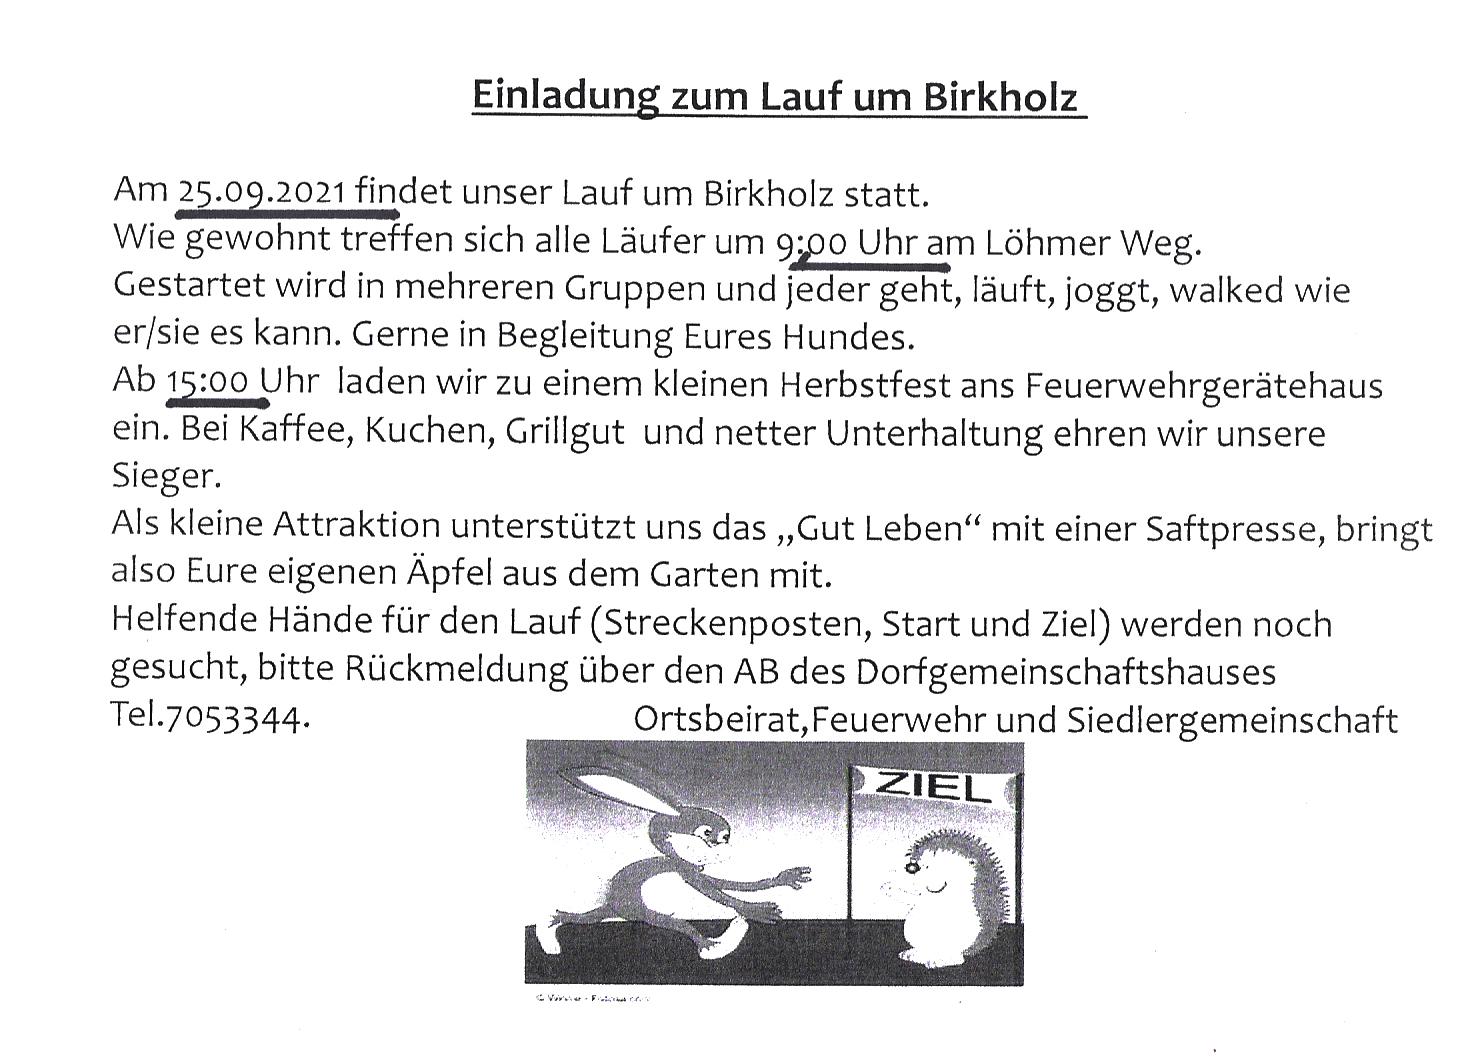 Lauf um Birkholz & Herbstfest